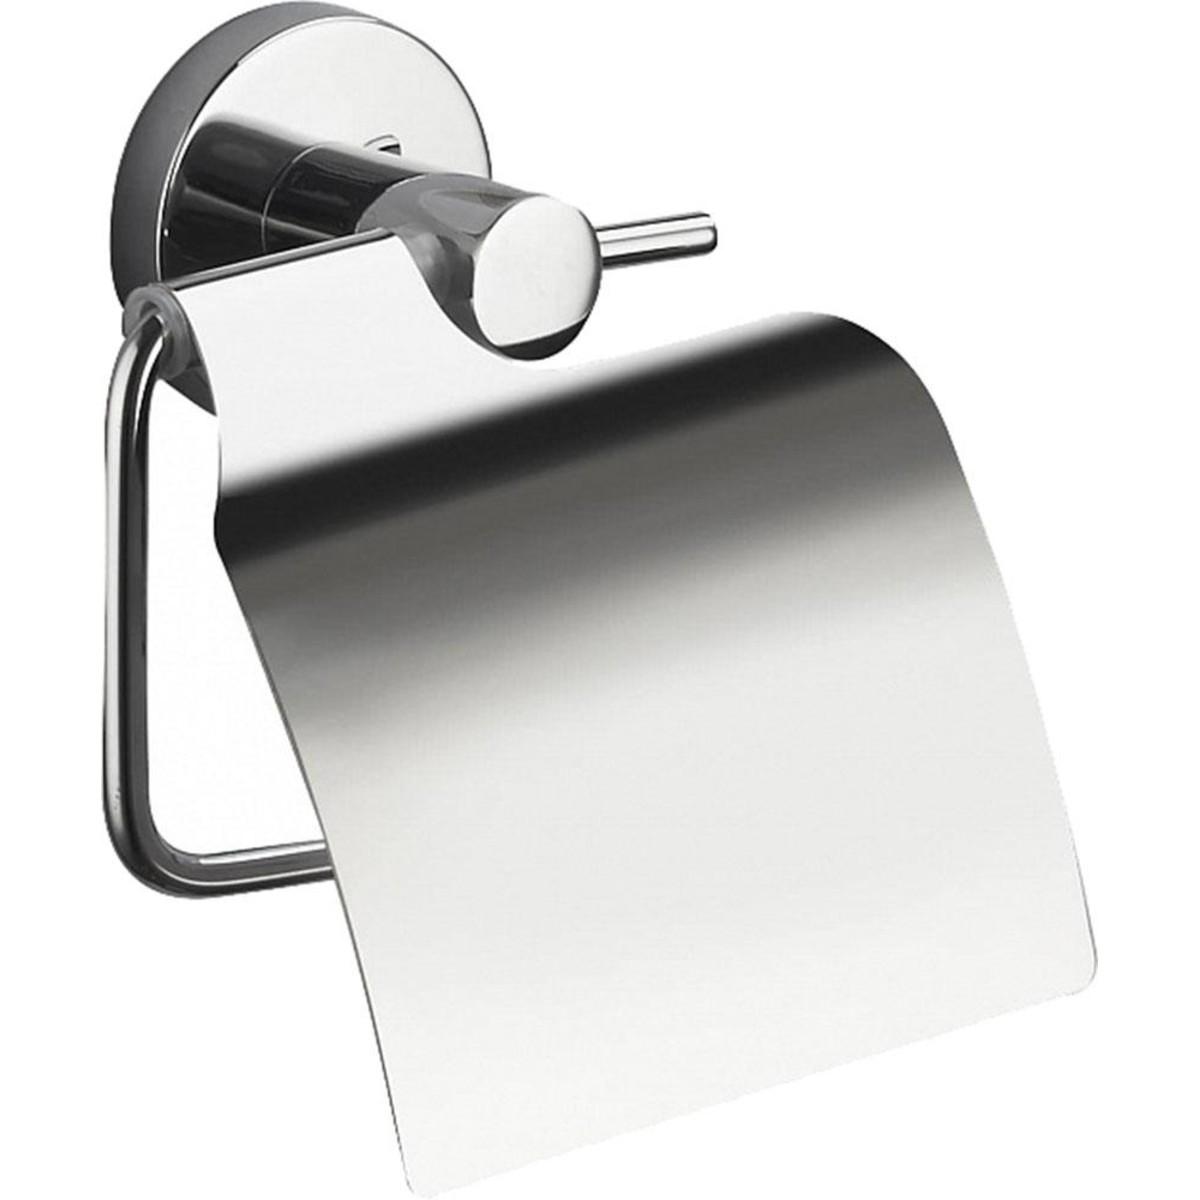 Держатель для туалетной бумаги Studiotex BPH0100 BASIC 6128303